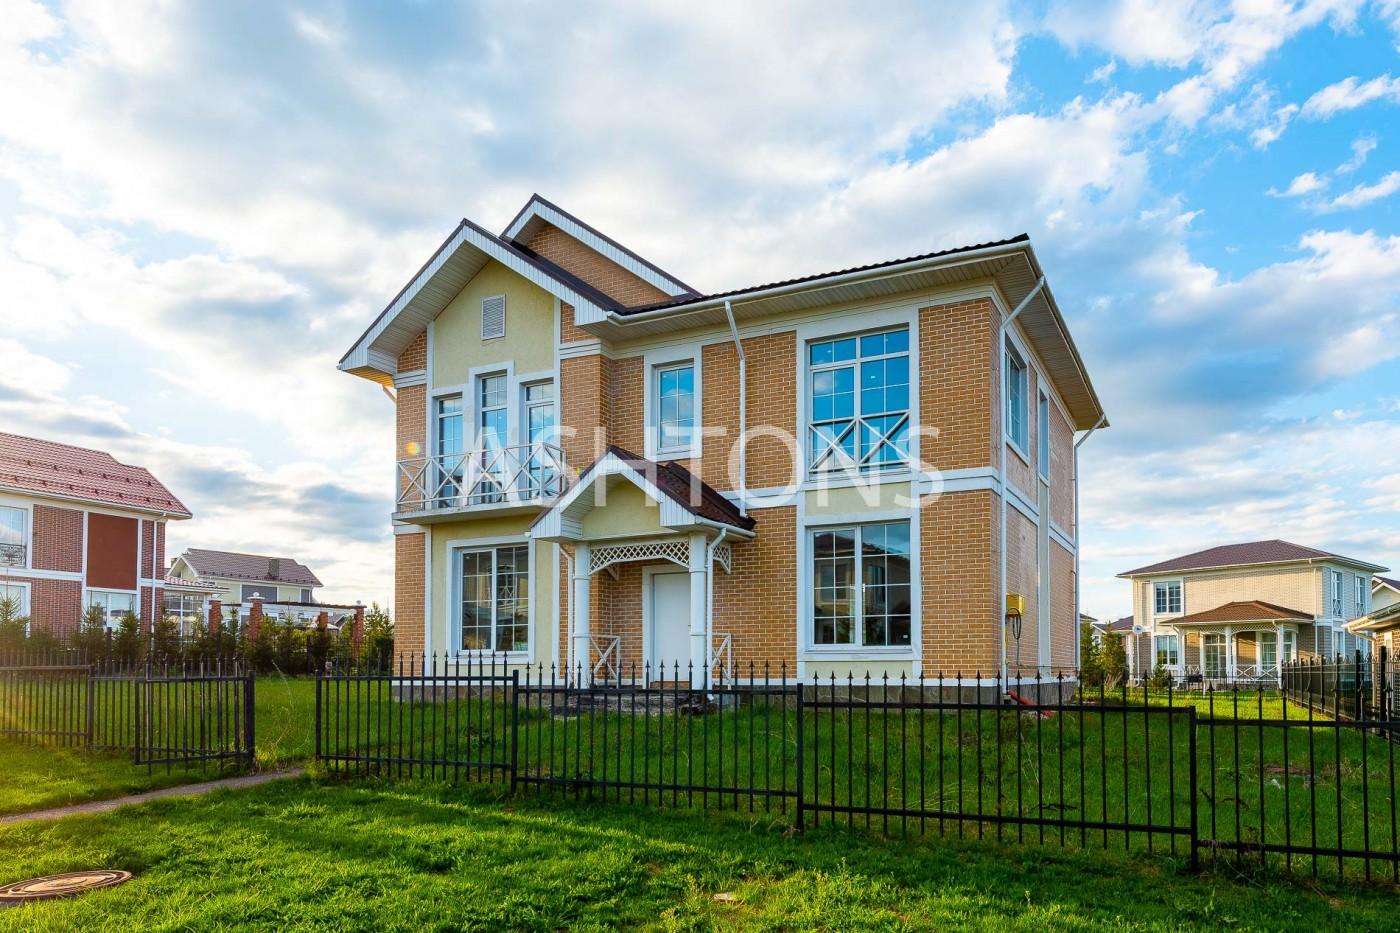 Продажа загородного дома в коттеджном поселке Эсквайр Парк